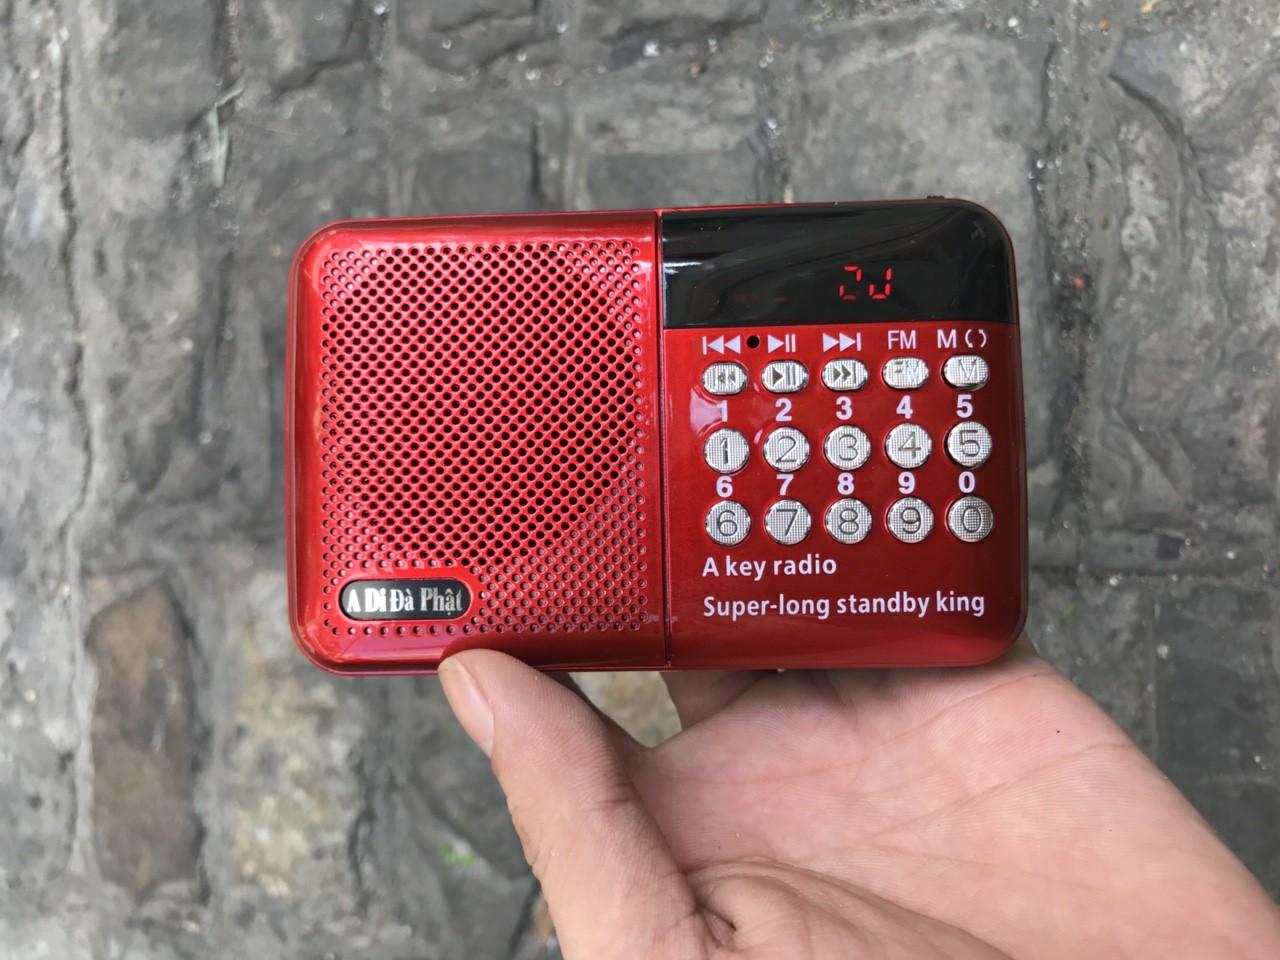 Loa nghe Pháp A Di Đà Phật K518 giá sỉ và lẻ rẻ nhất